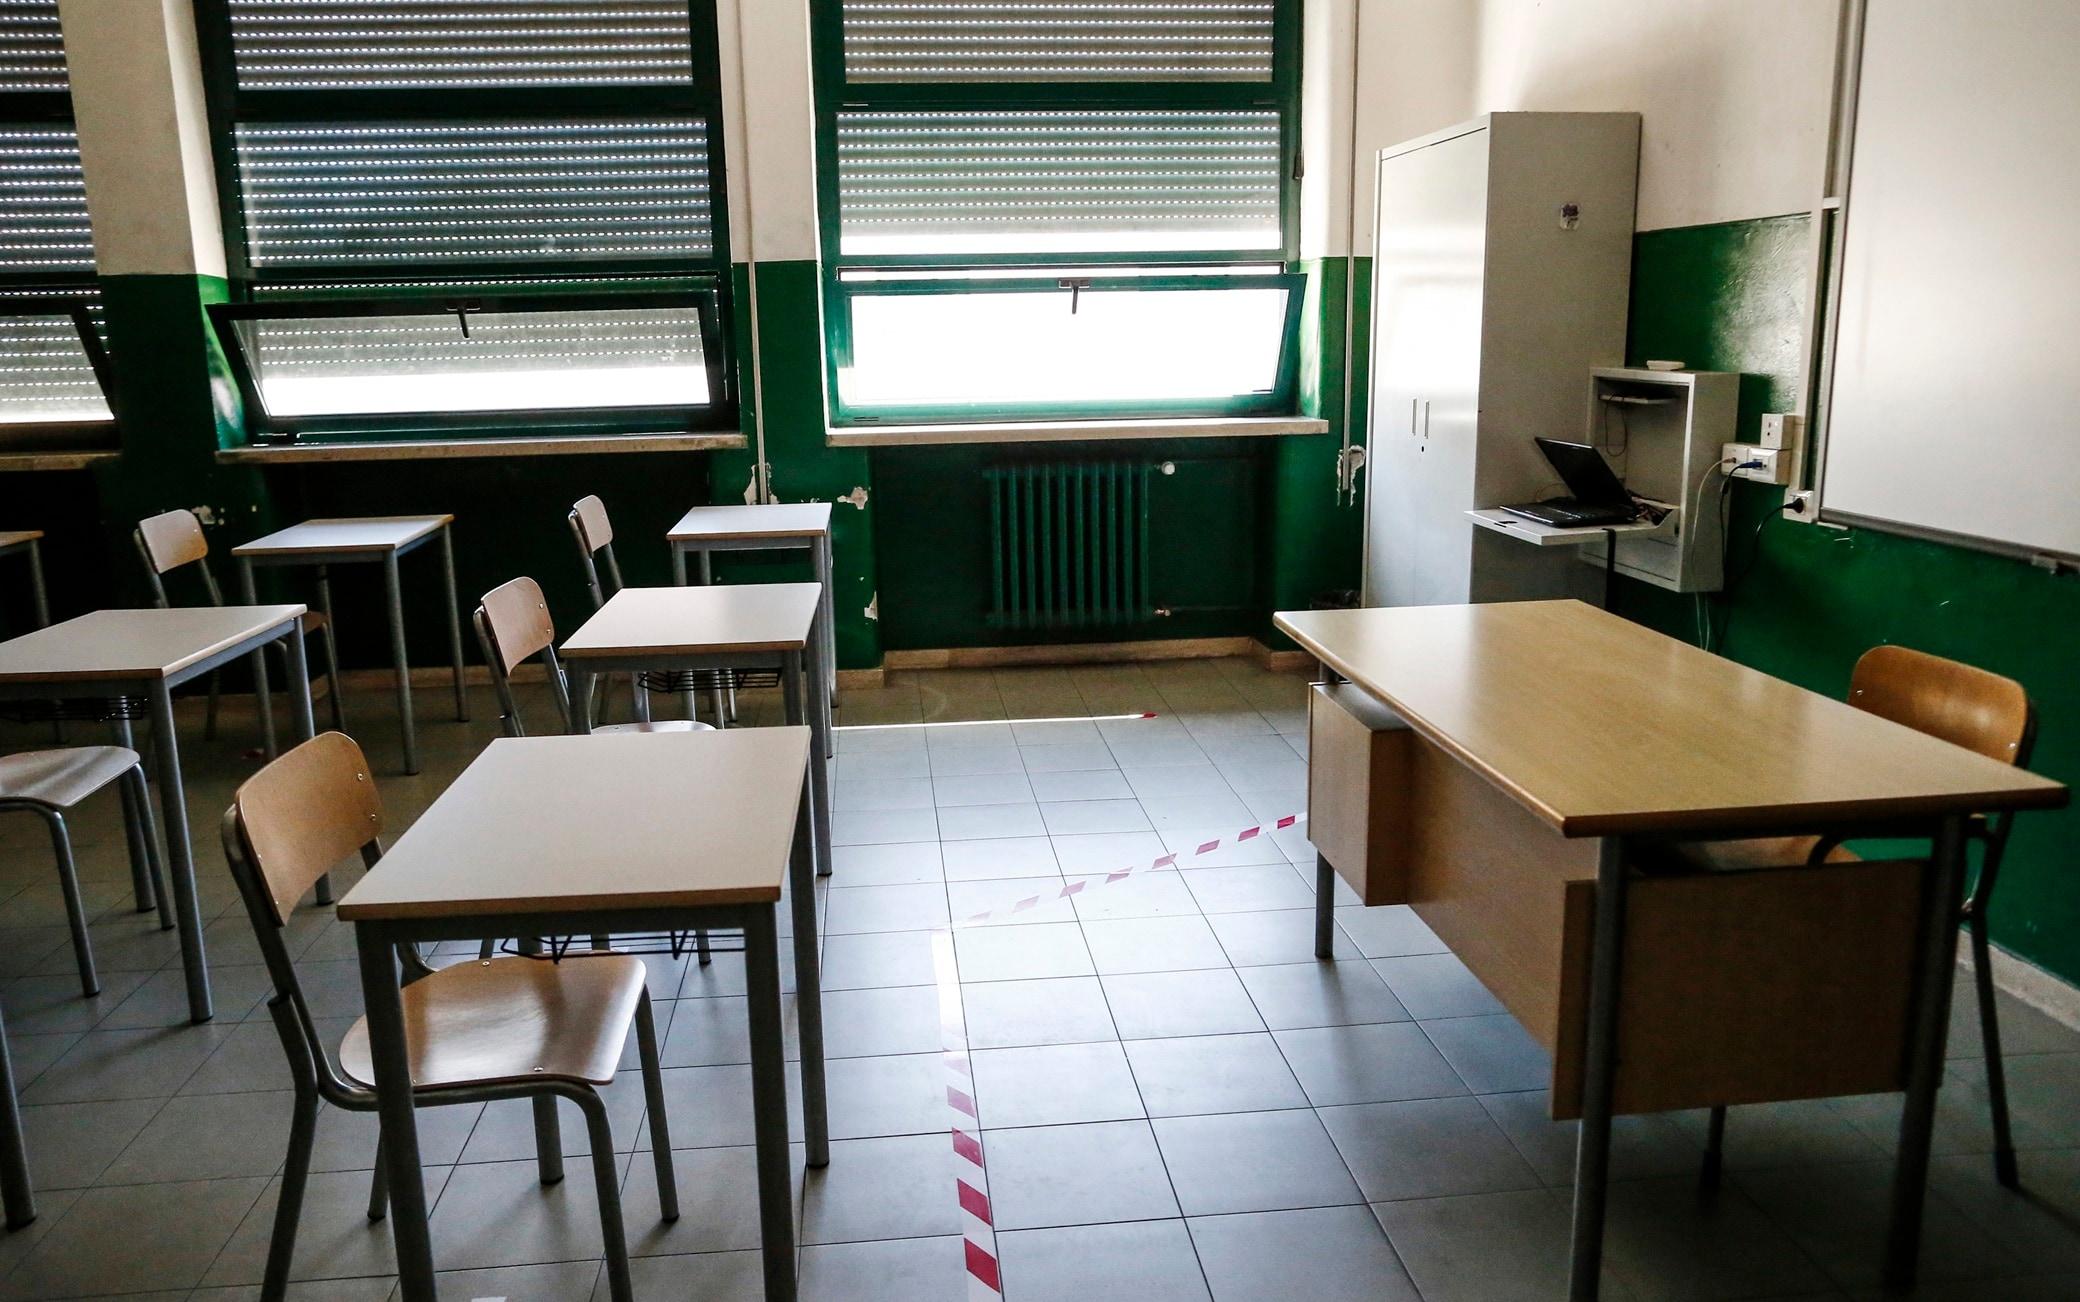 Scuola, M5S: 'Con questo nuovo Dpcm pericoloso passo indietro'